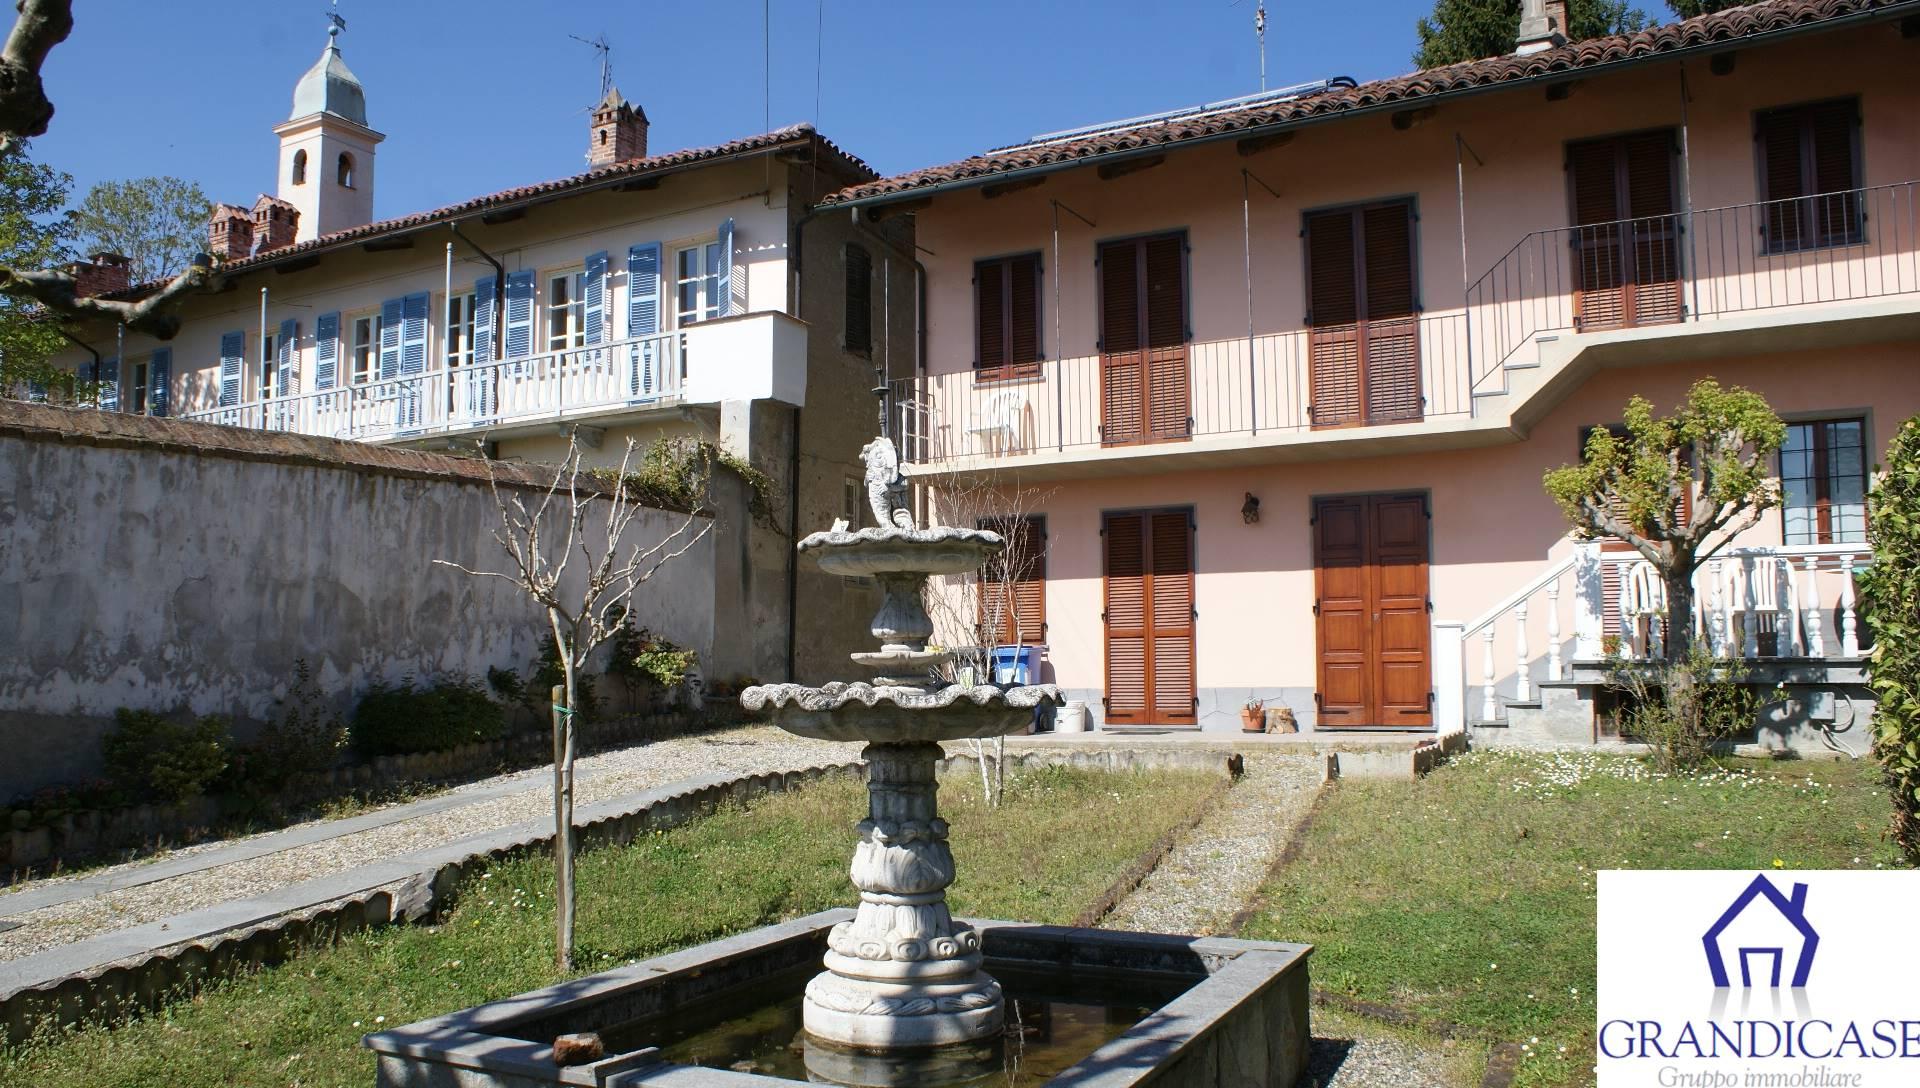 Rustico / Casale in vendita a San Sebastiano da Po, 6 locali, prezzo € 149.000 | CambioCasa.it